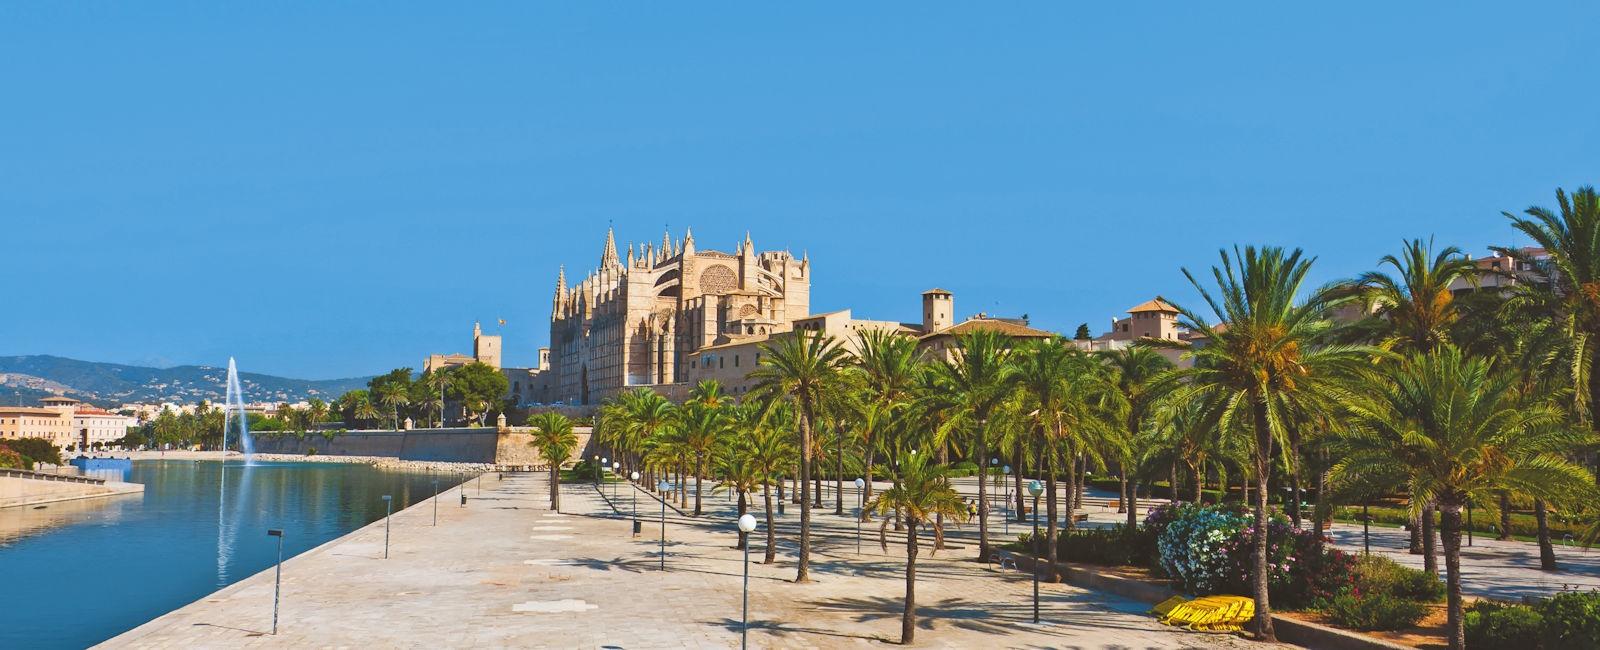 Luxury Palma Holidays